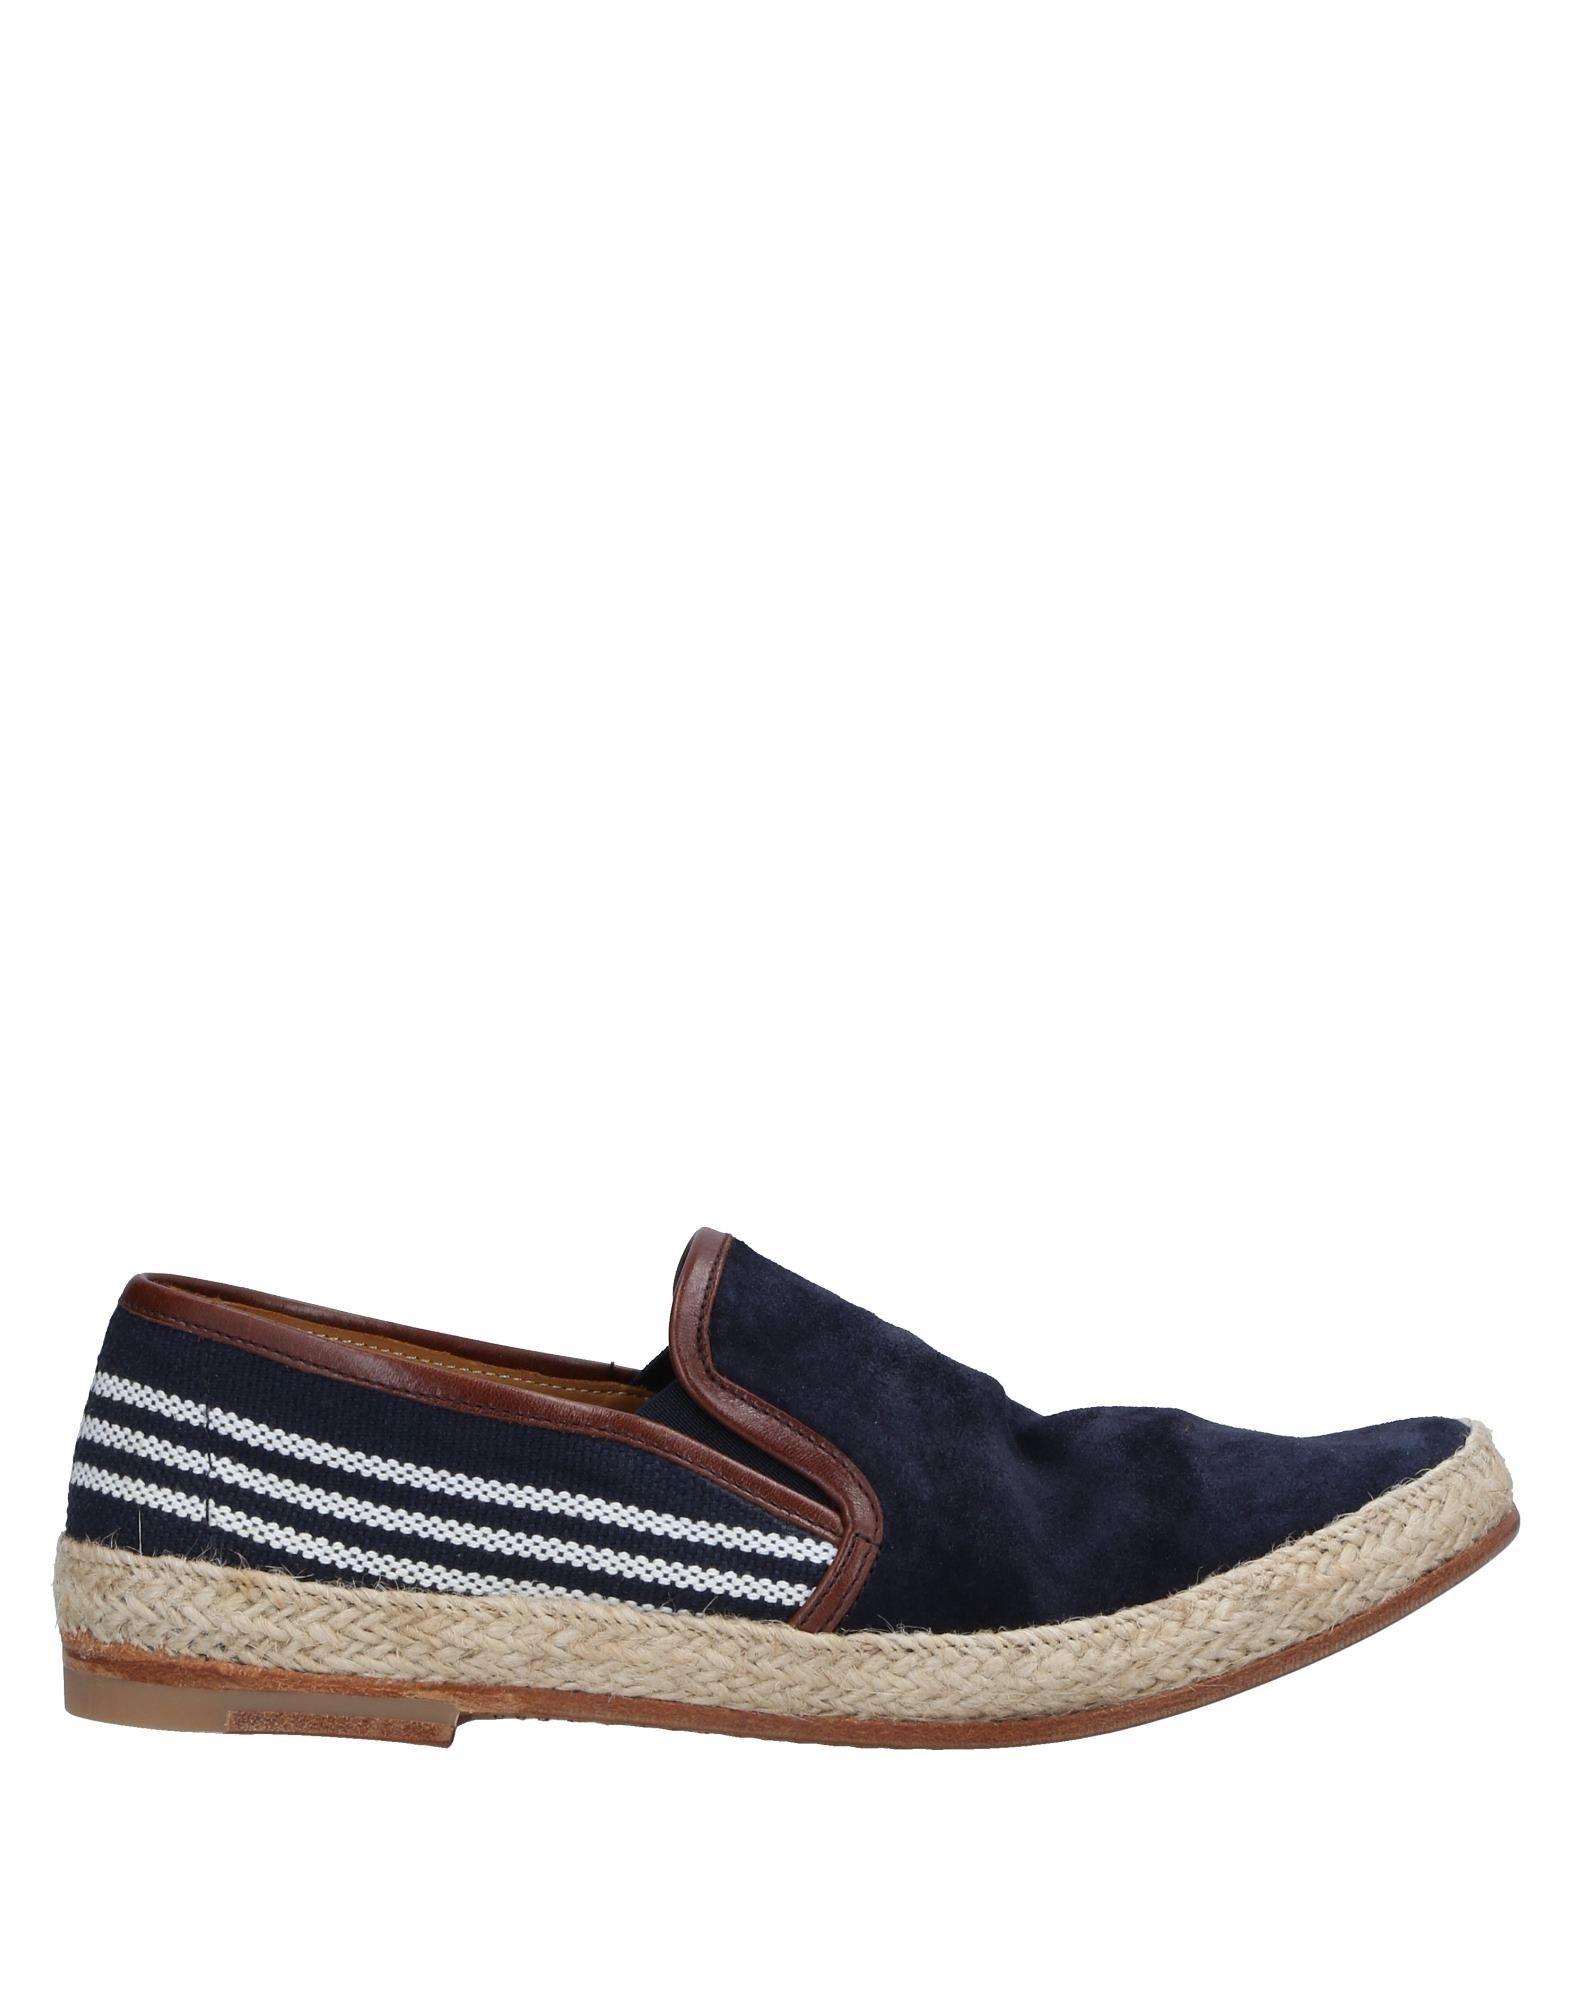 N.D.C. Made By Hand Espadrilles Herren  11526072UA Gute Qualität beliebte Schuhe